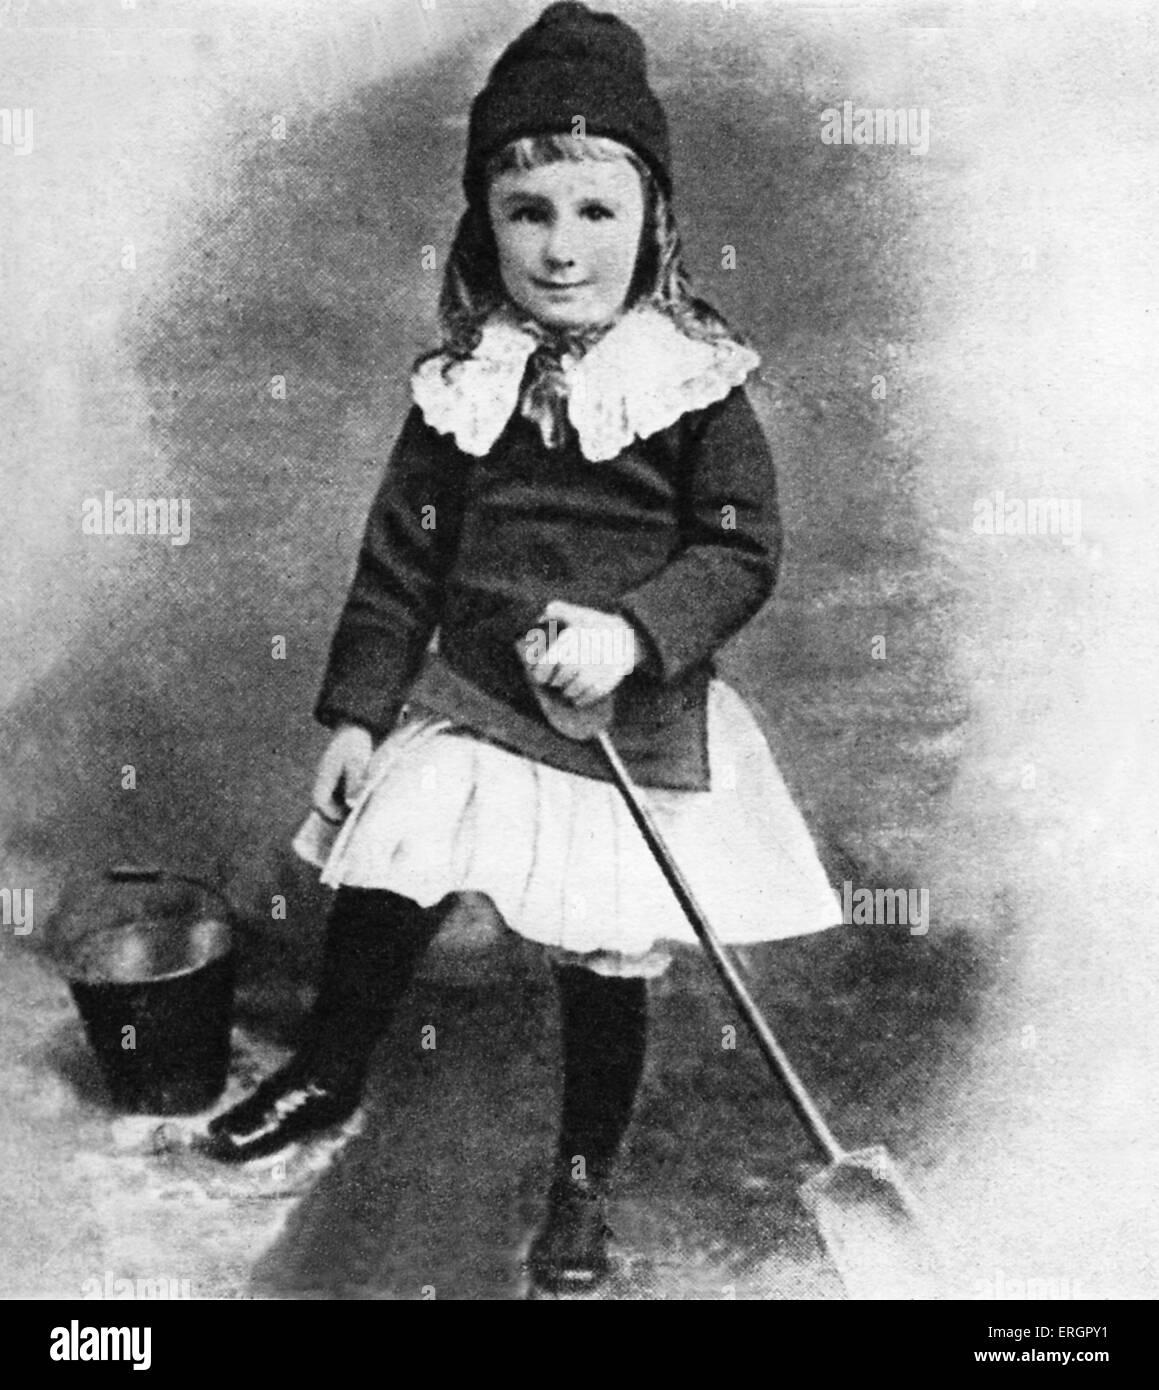 Roosevelt Posen mit Eimer und Spaten im Alter von drei Jahren. FDR: 32. Präsident der Vereinigten Staaten Stockbild